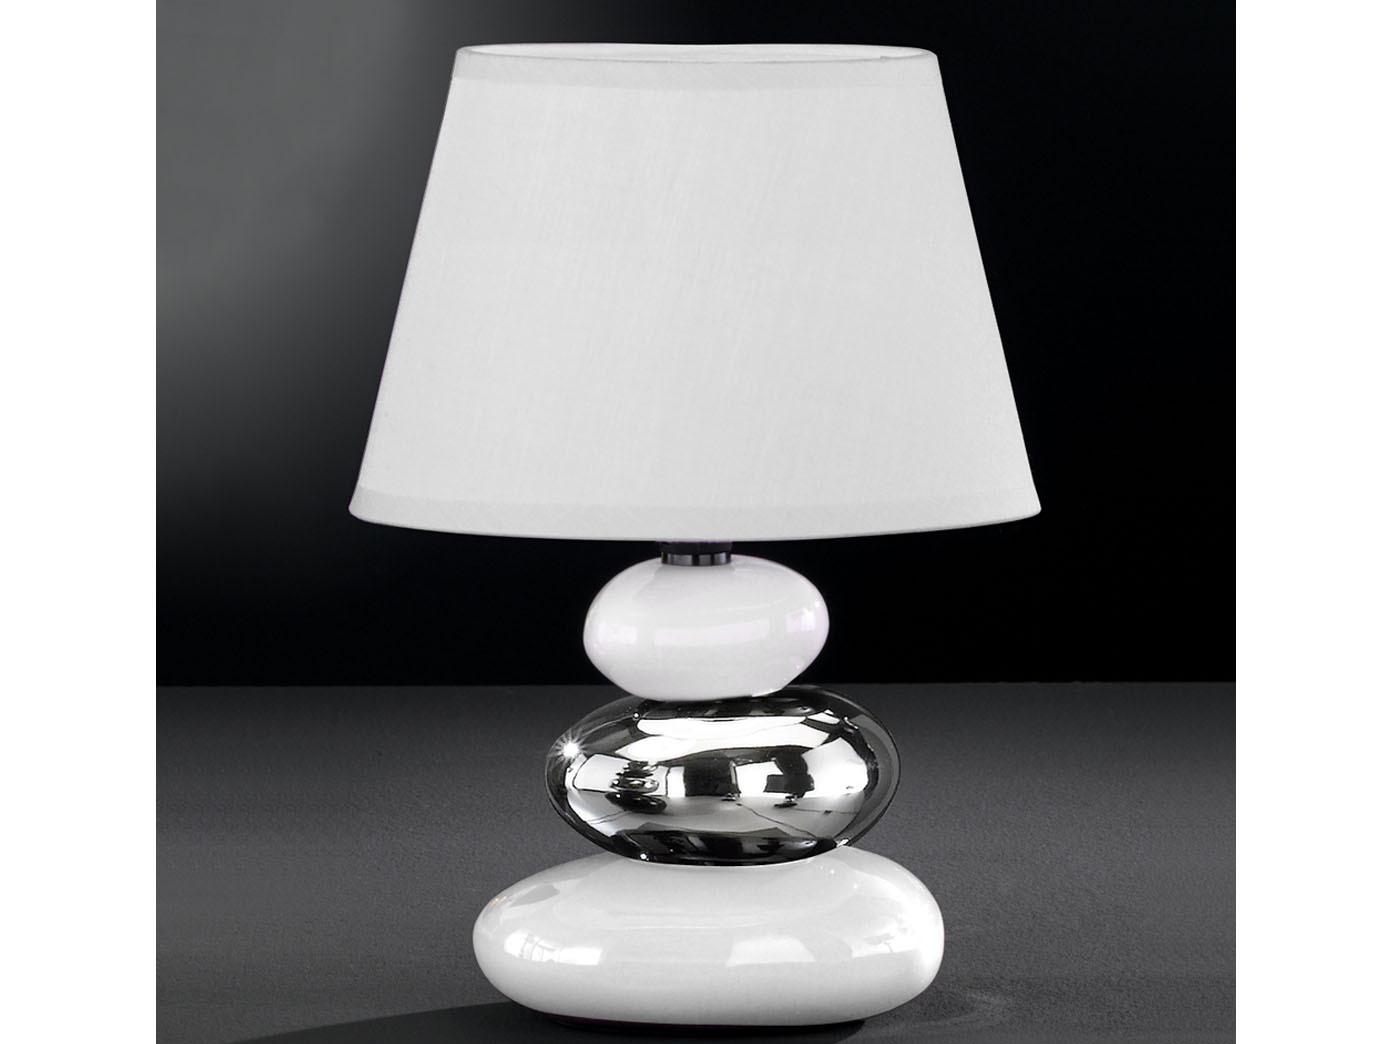 Moderne Nachttischleuchte Stein-Optik Stoffschirm weiß Ø 18 cm Tischlampe